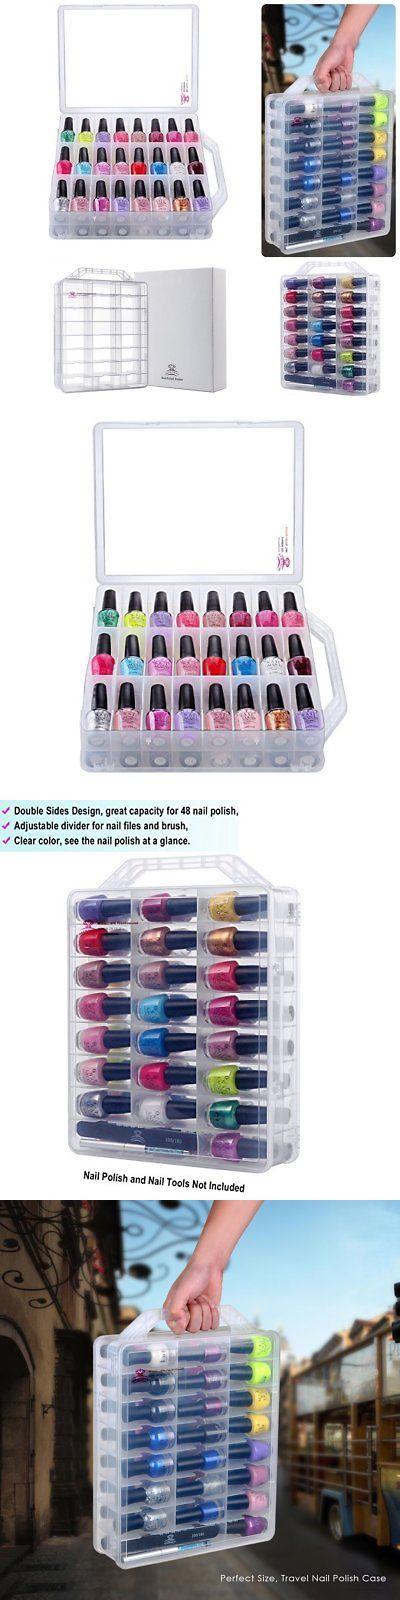 Nail Practice and Display: Nail Polish Storage Box Organizer Display ...